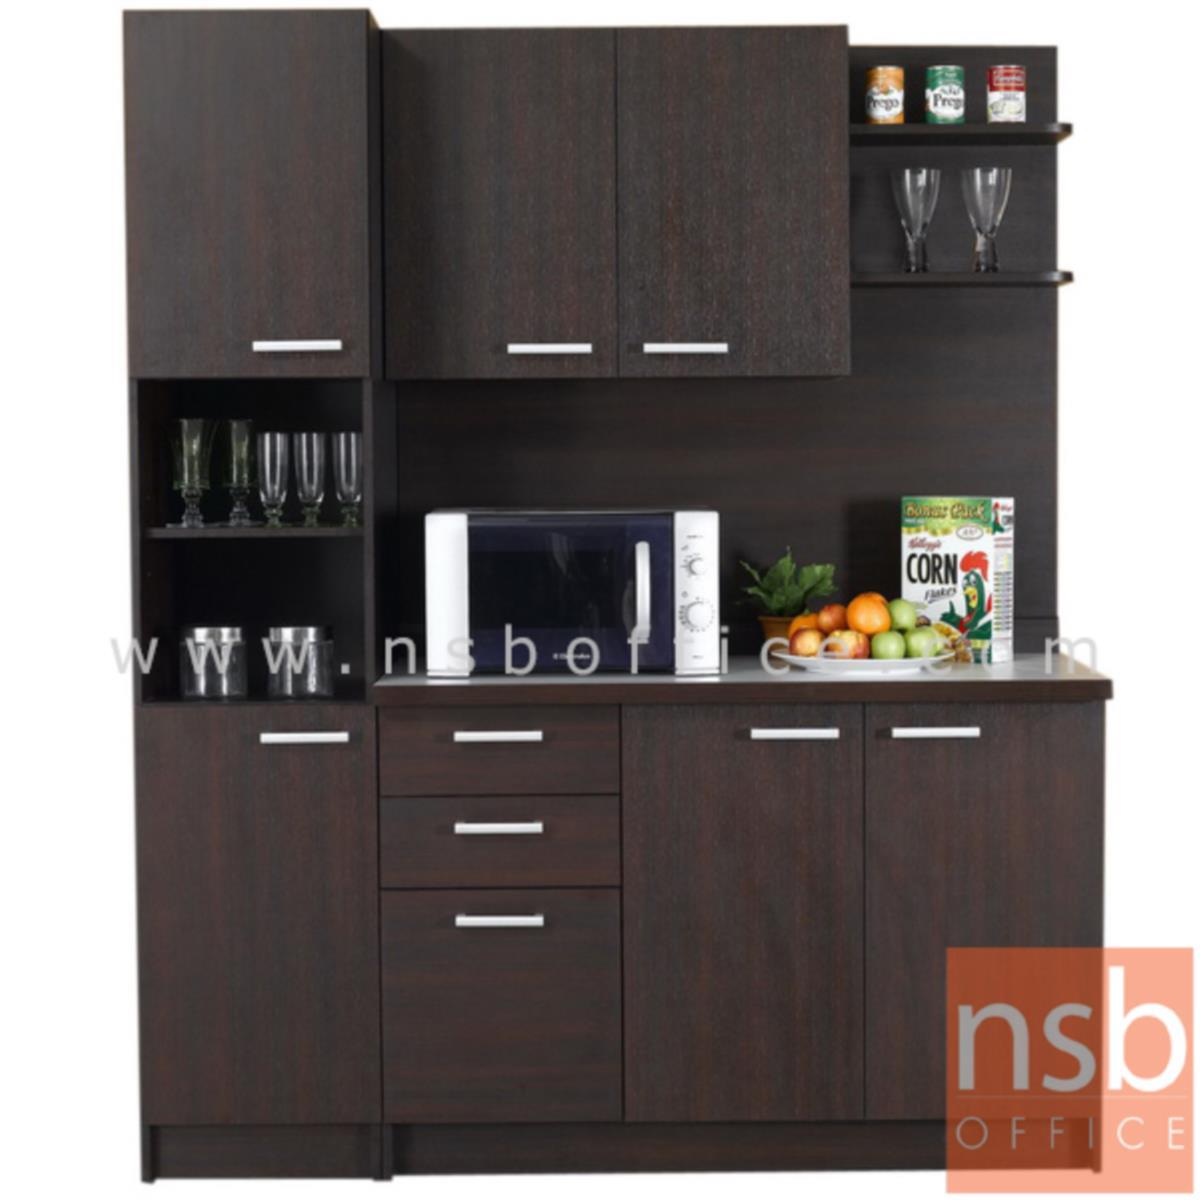 G10A009:ชุดตู้ครัวหน้าเรียบ 160W cm. ER-0112,ER-2114  พร้อมตู้ลอย